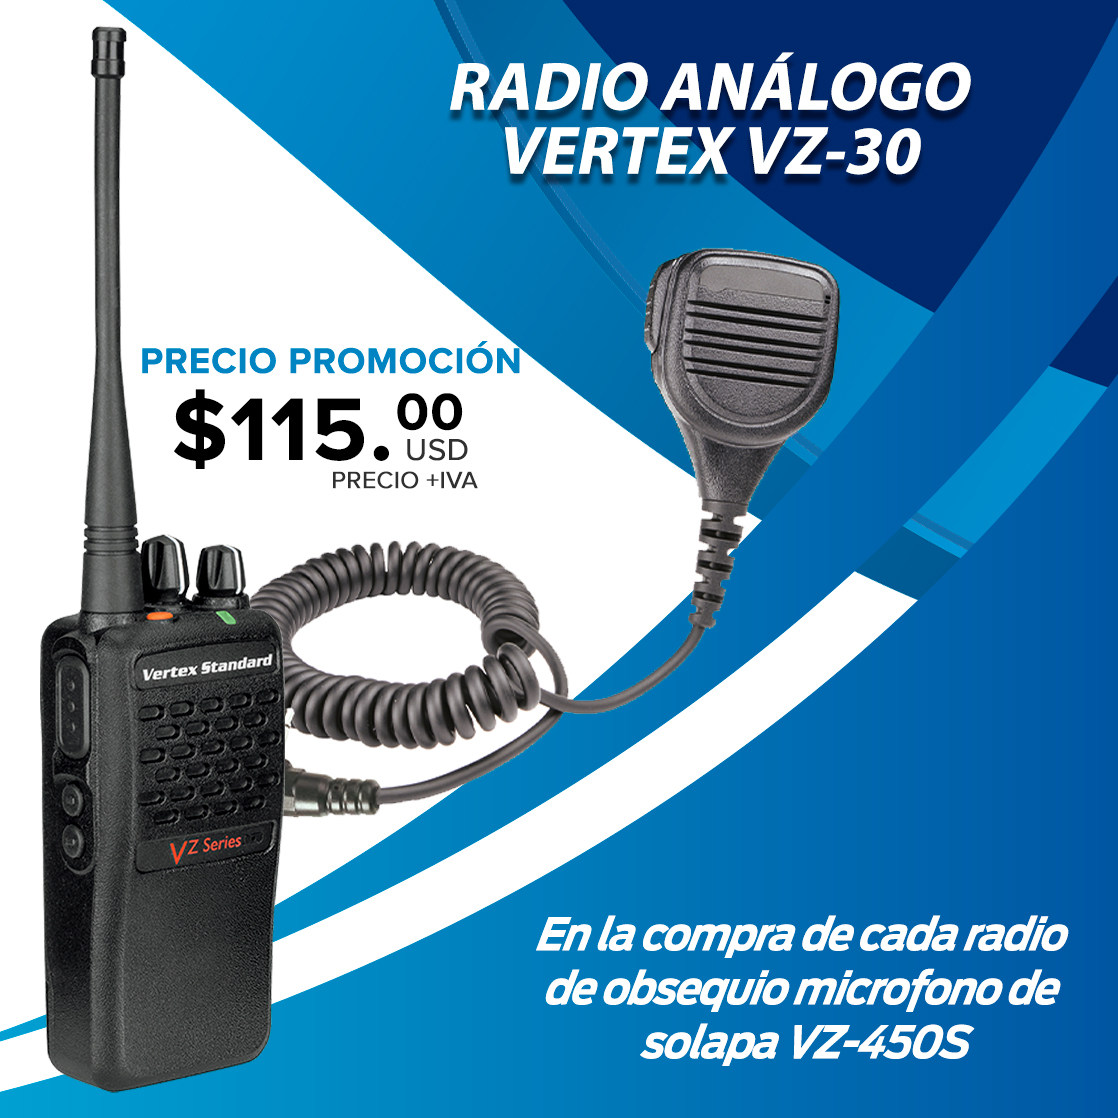 VZ-30 + microfono